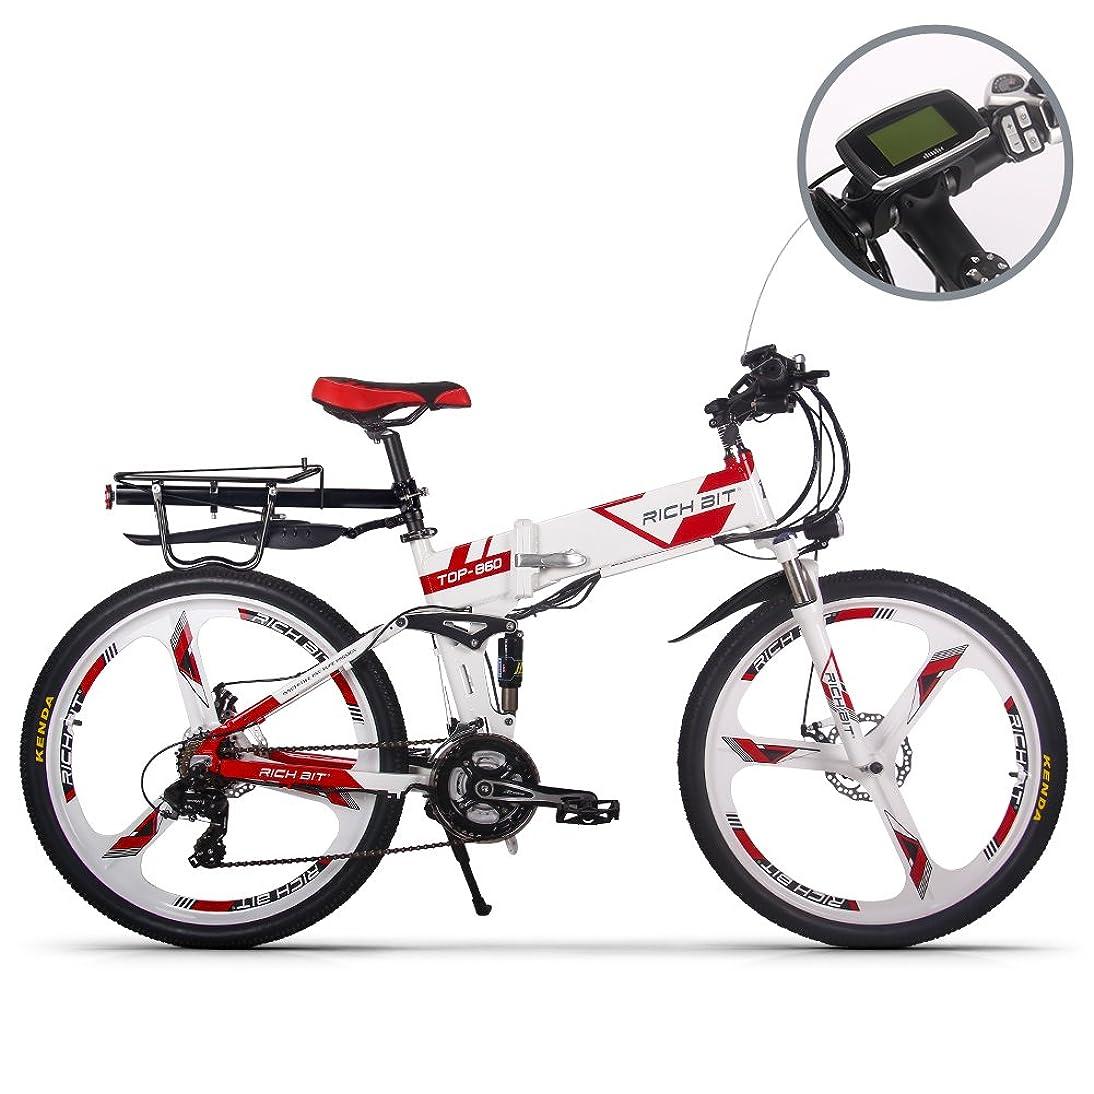 私たちのもの欺く徹底RICHBIT TOP860 ハイブリッドマウンテンバイク 次世代型スポーツタイプ 電動アシスト自転車 3色(レッド)